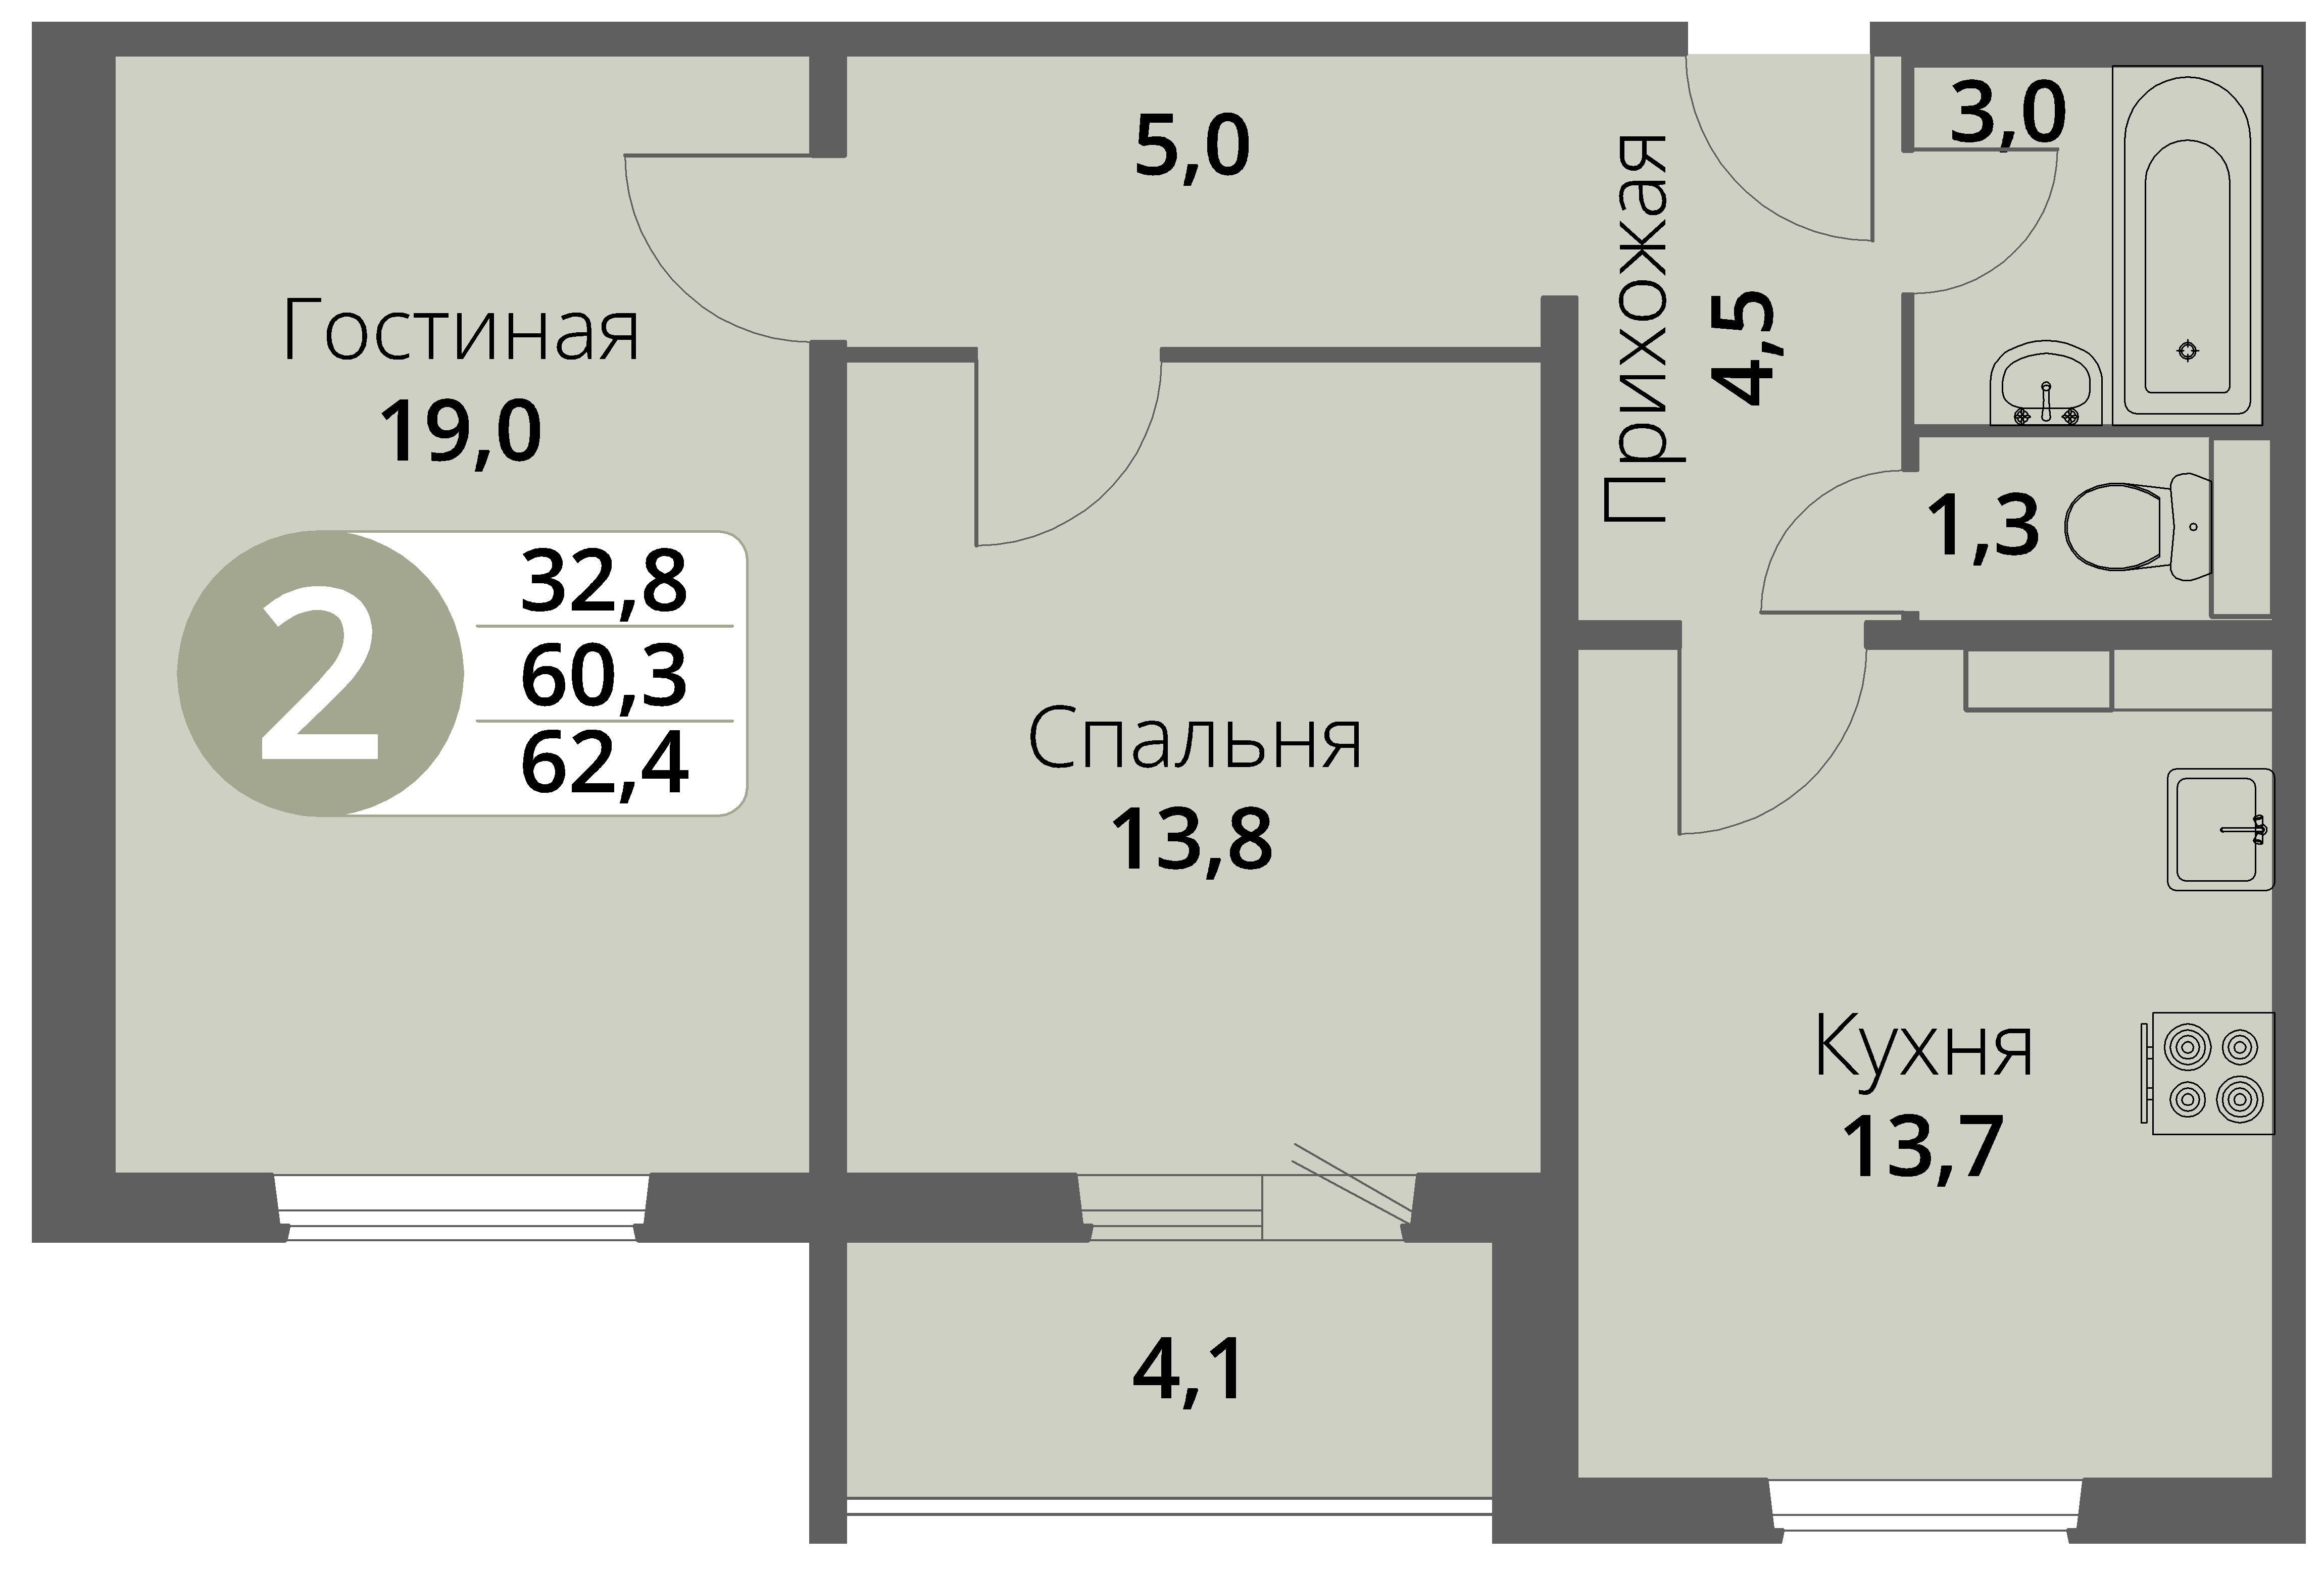 Зареченская 1-2, квартира 164 - Двухкомнатная